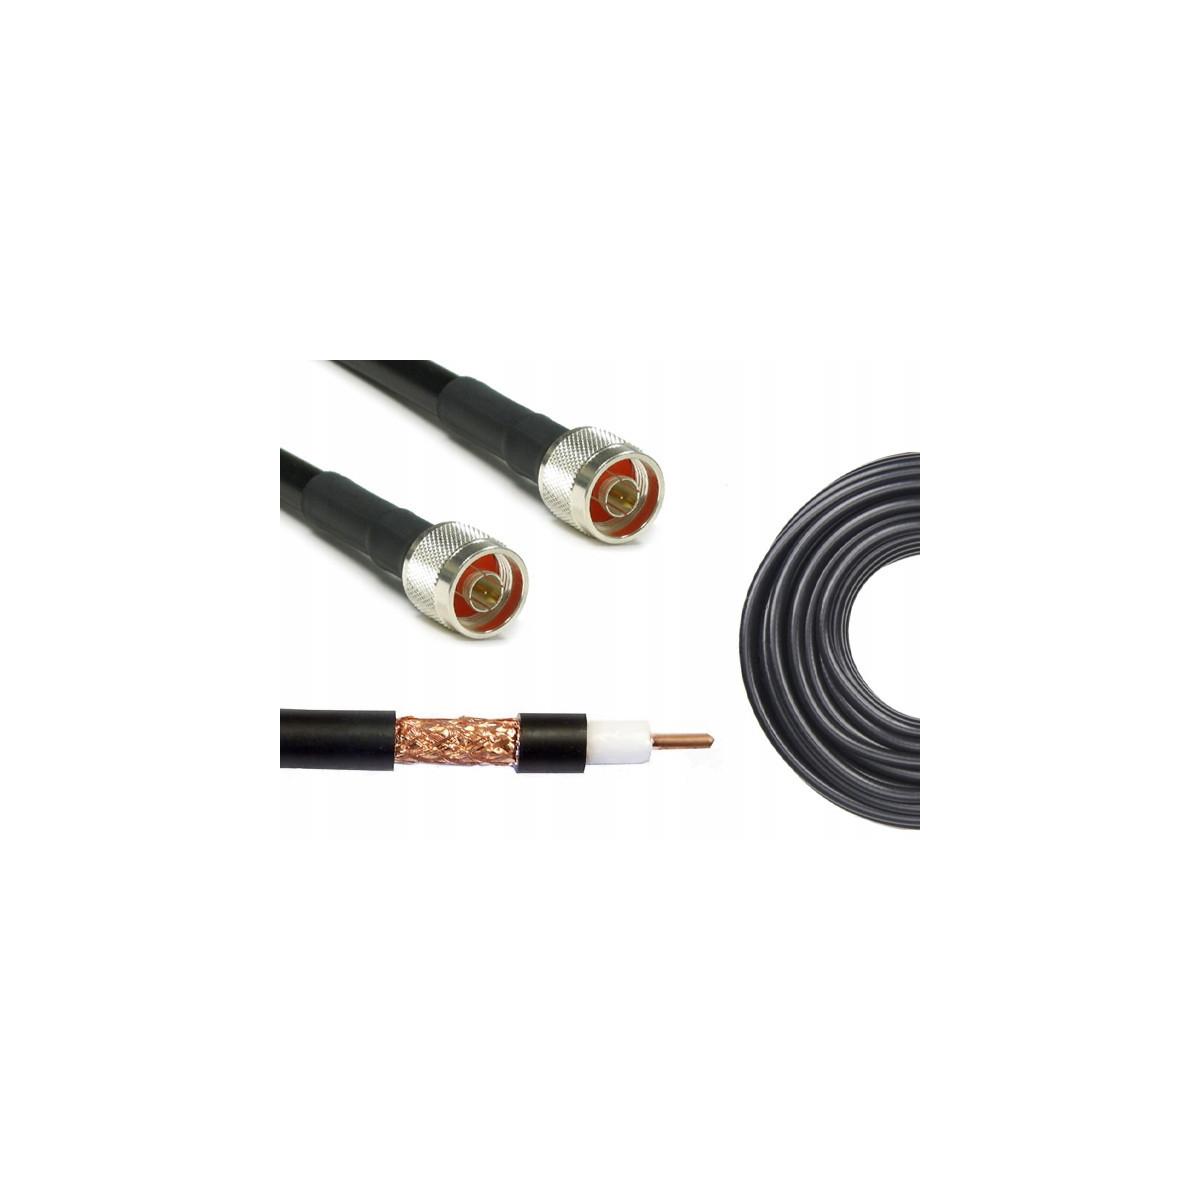 Konektor 5m SRF240 Nm-Nm